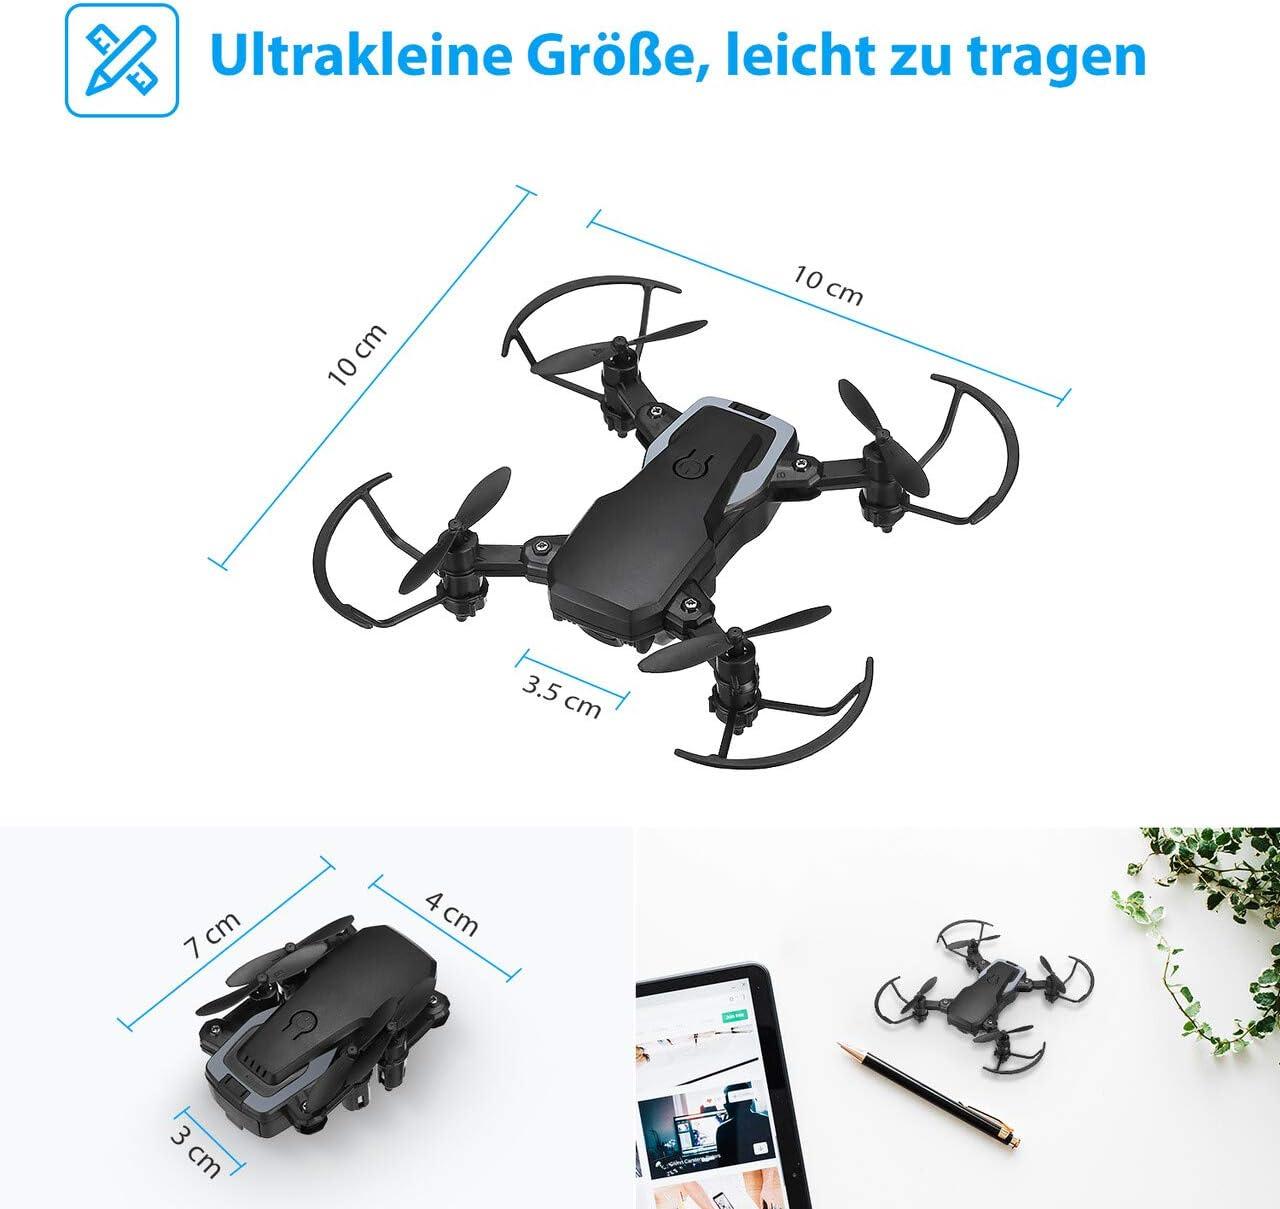 Powerextra Mini Drohne mit Kamera 3 x Batterien f/ür Anf/änger Faltbare Mini-Drohne mit Fernbedienung HD WiFi FPV-Kamera 2,4 GHz 3D-Flips und Twist-Funktion mit Aufbewahrungstasche